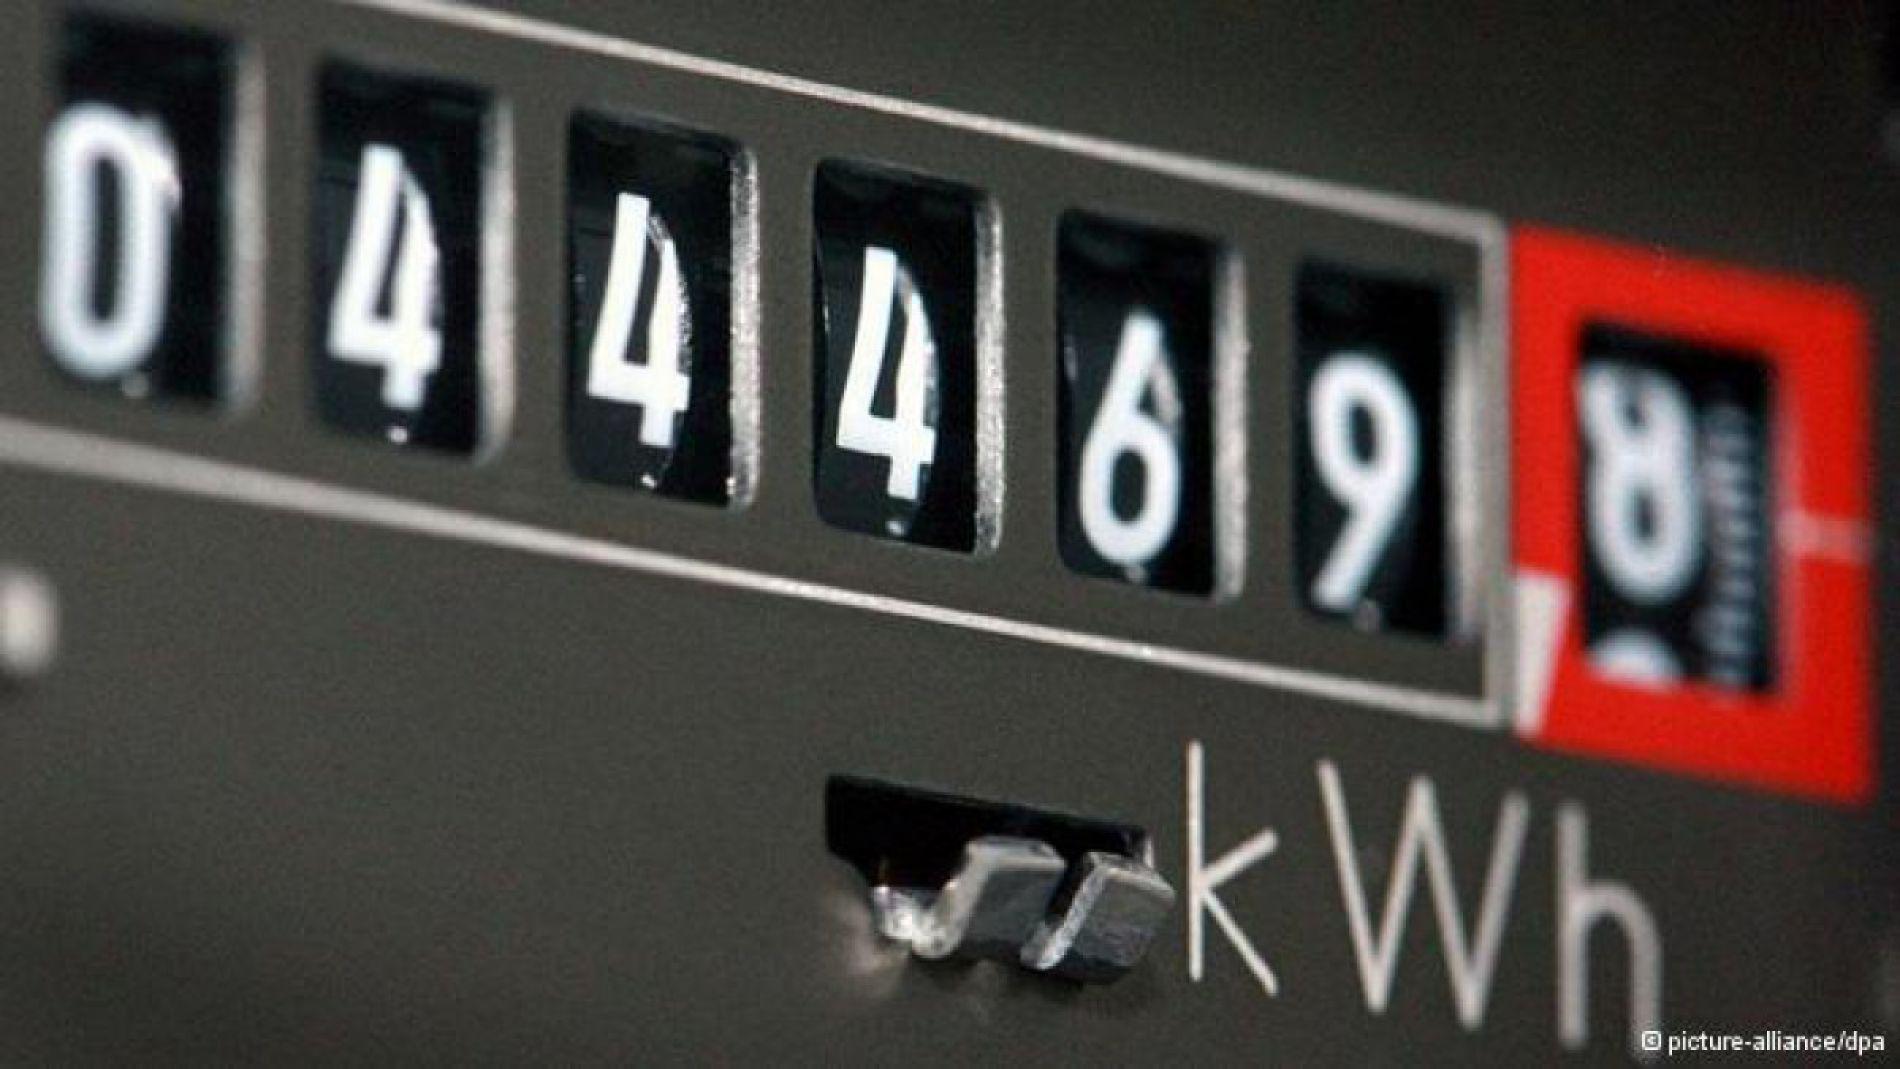 Изменения в ценах на ток для населения республики Болгария от 5 марта 2013 года.